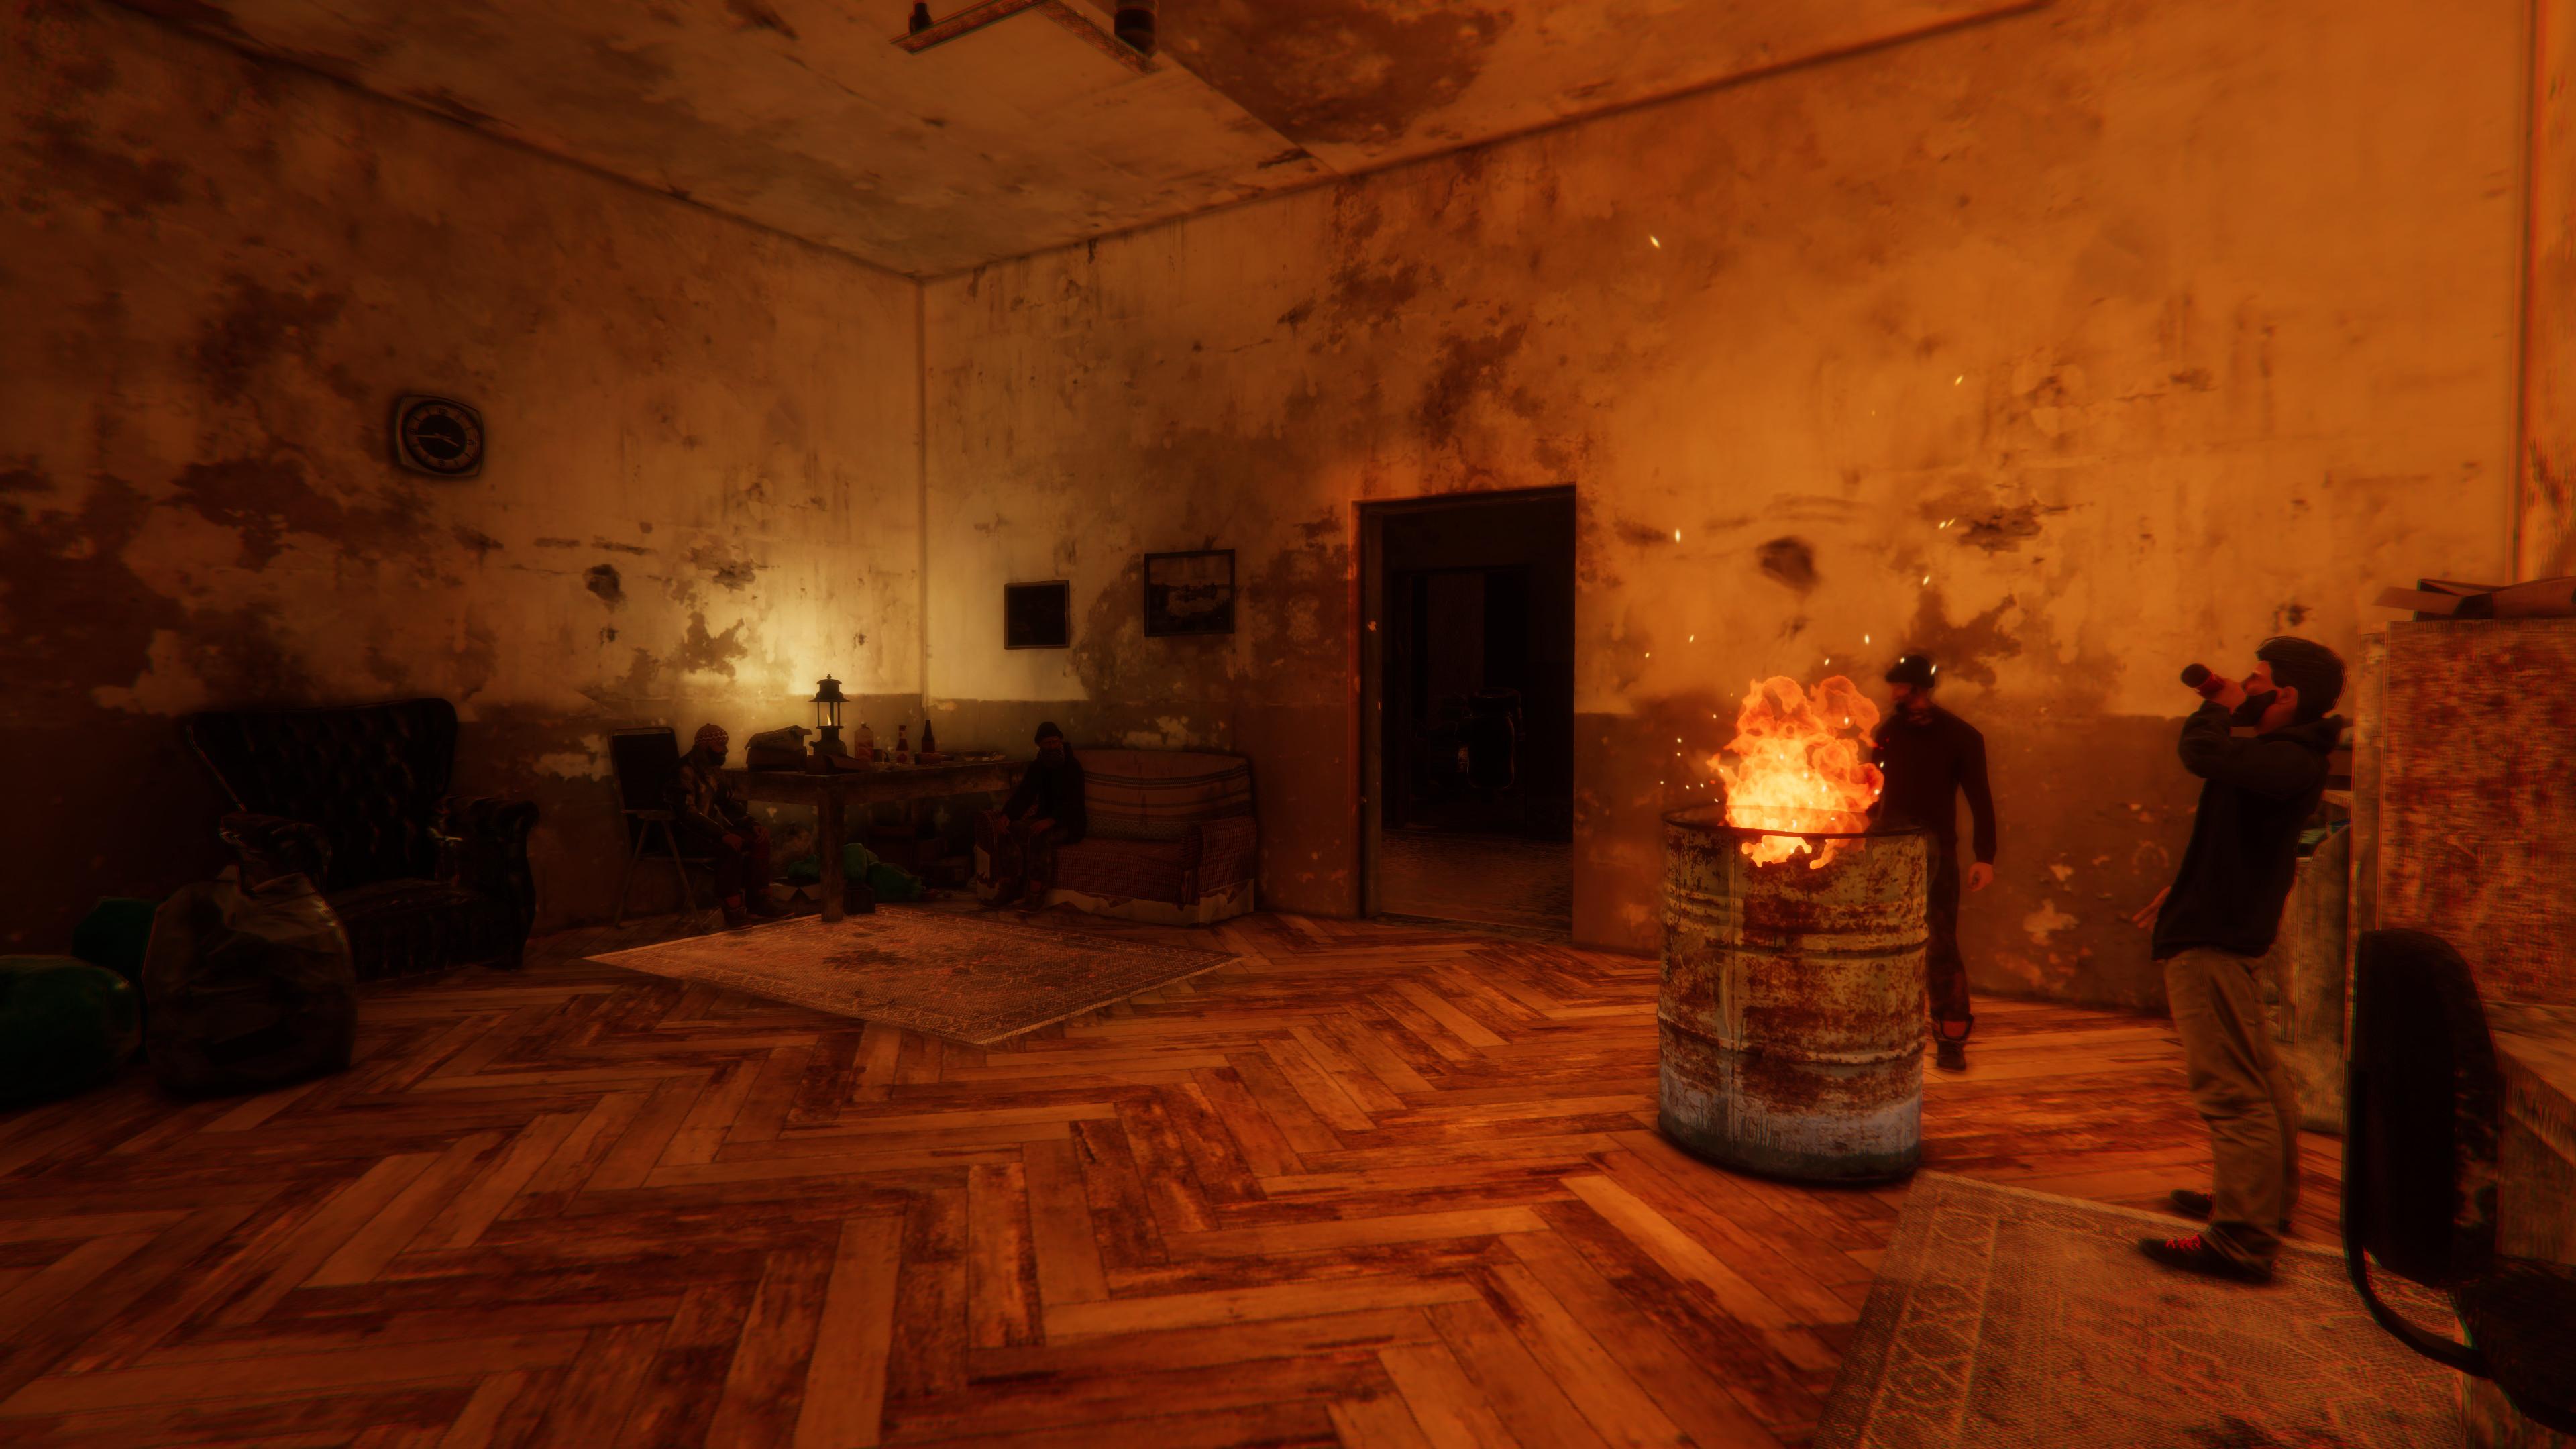 Tvorcovia do hry spracovali aj viacero odkazov na skutočné osoby a udalosti.